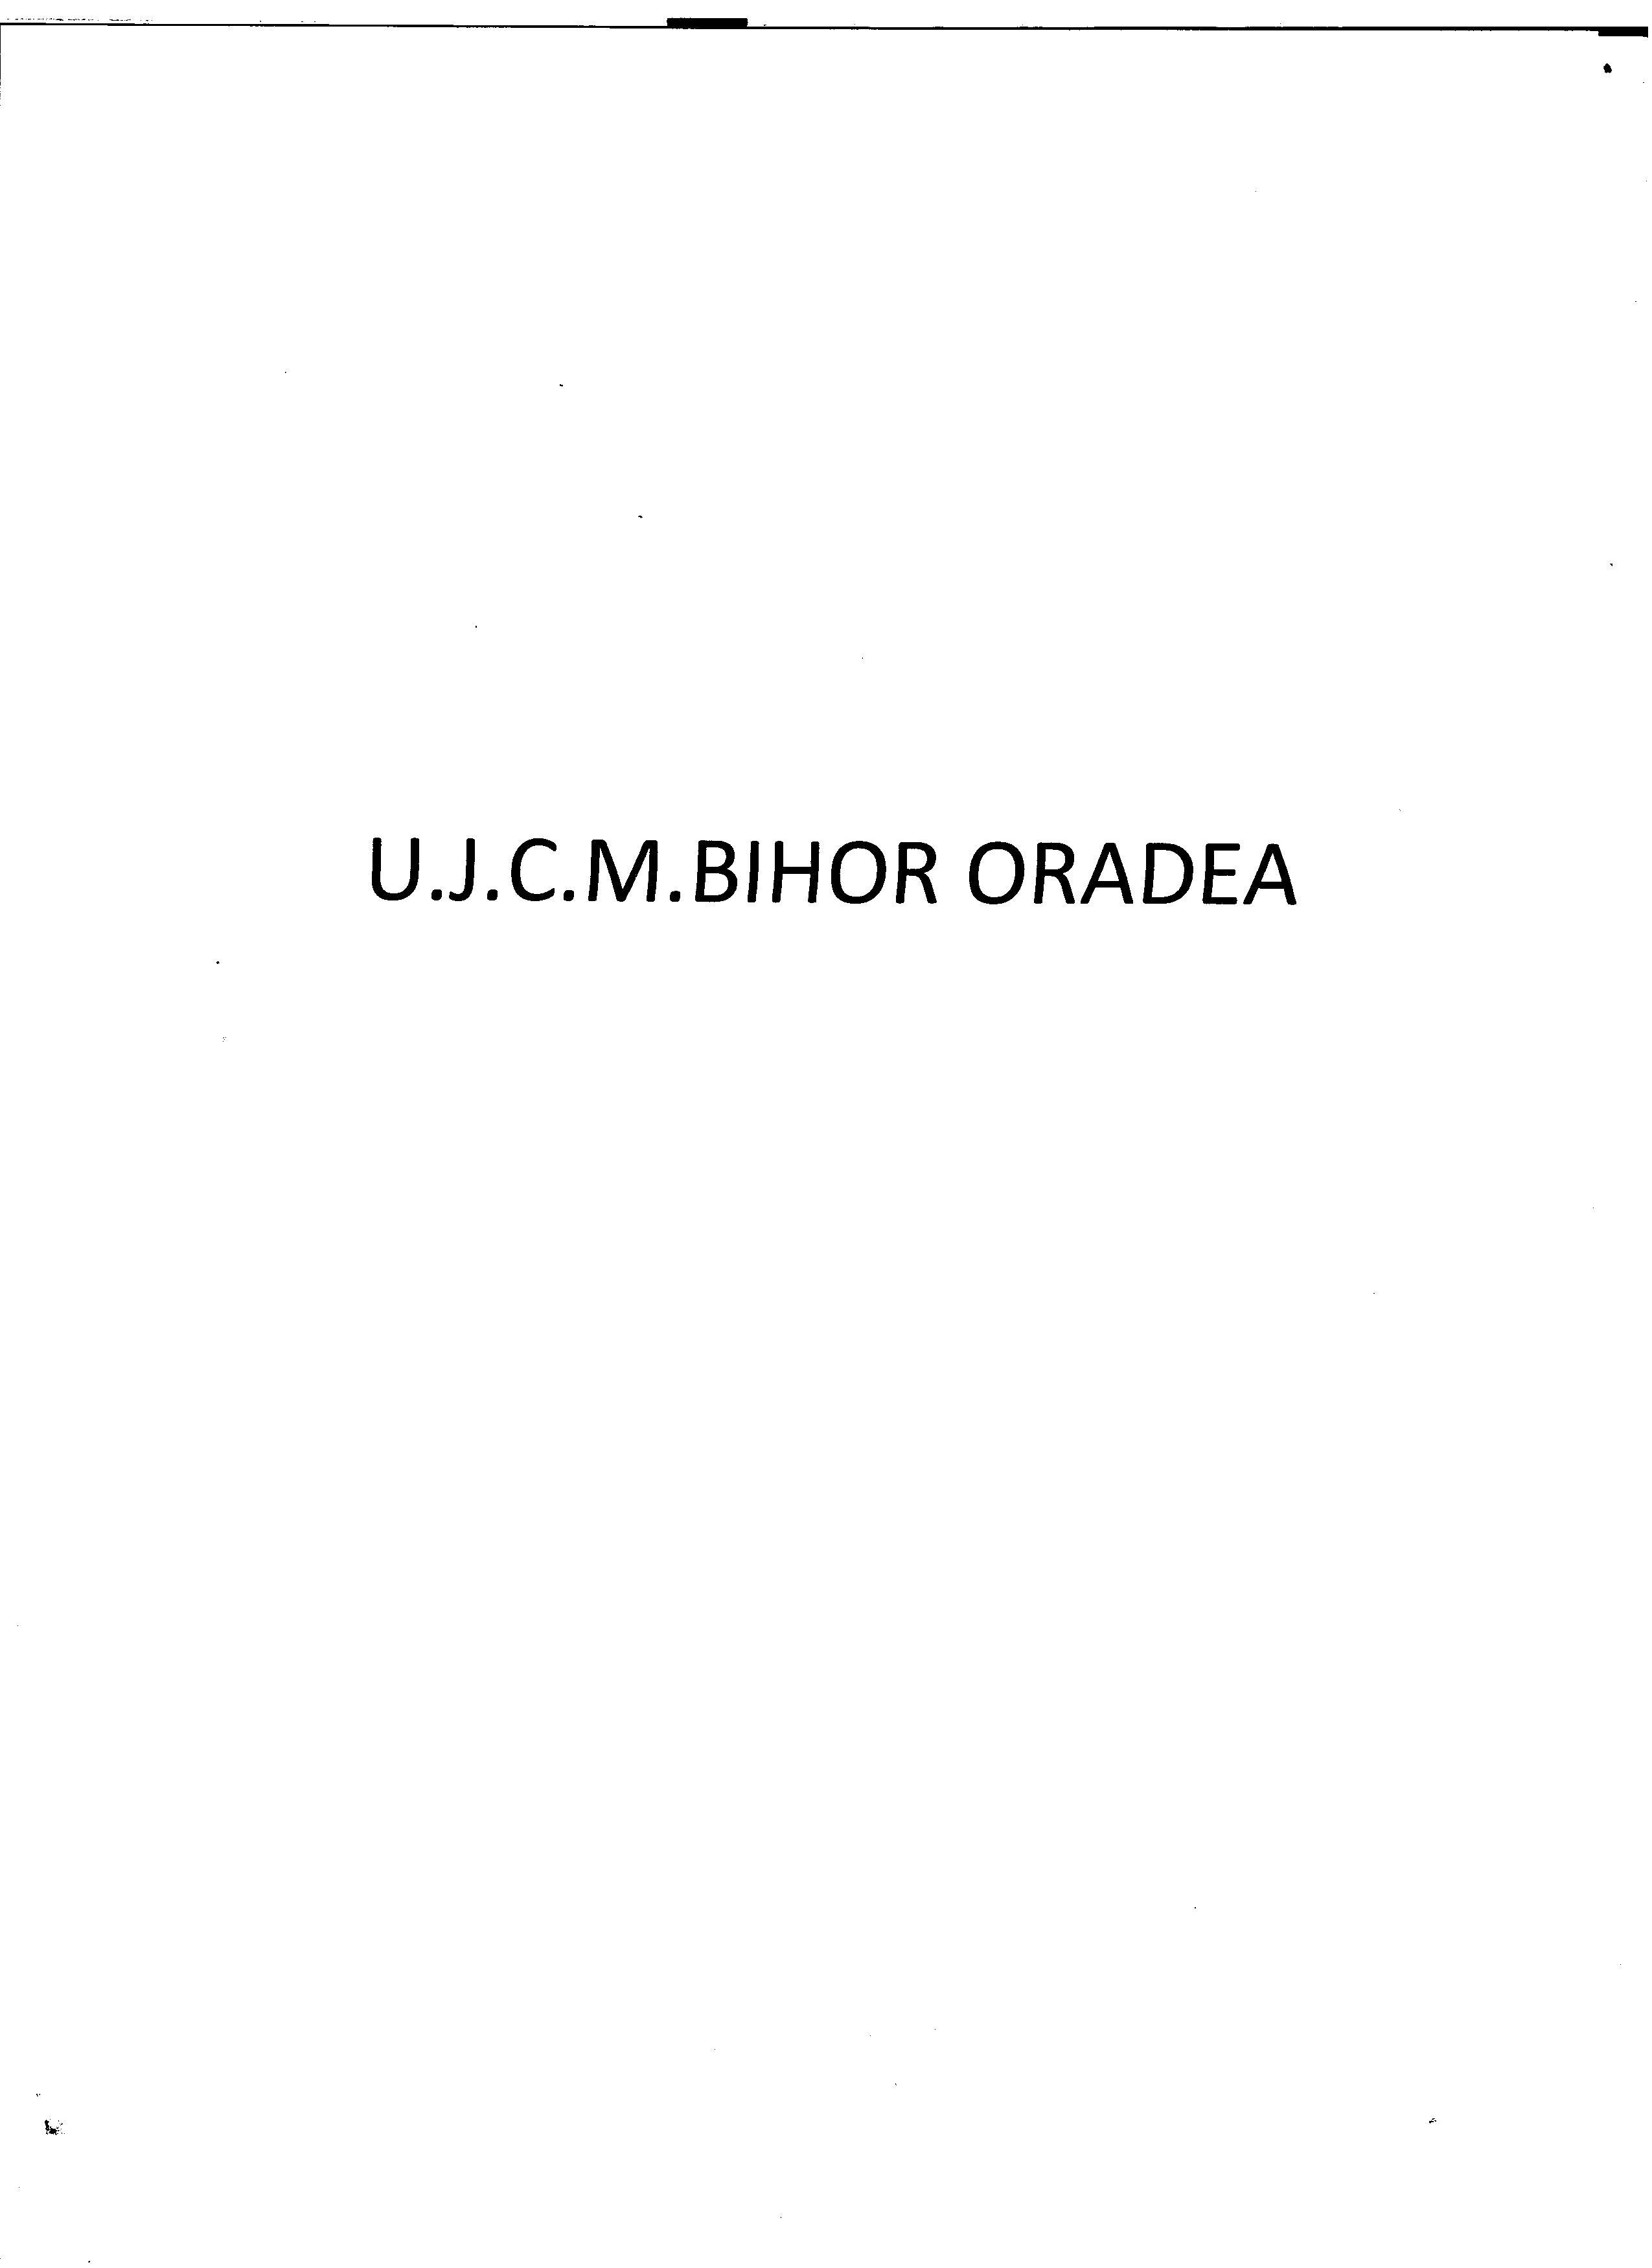 UNIUNEA JUDETEANA A ORGANIZATIILOR COOPERATIEI MESTESUGARESTI BIHOR